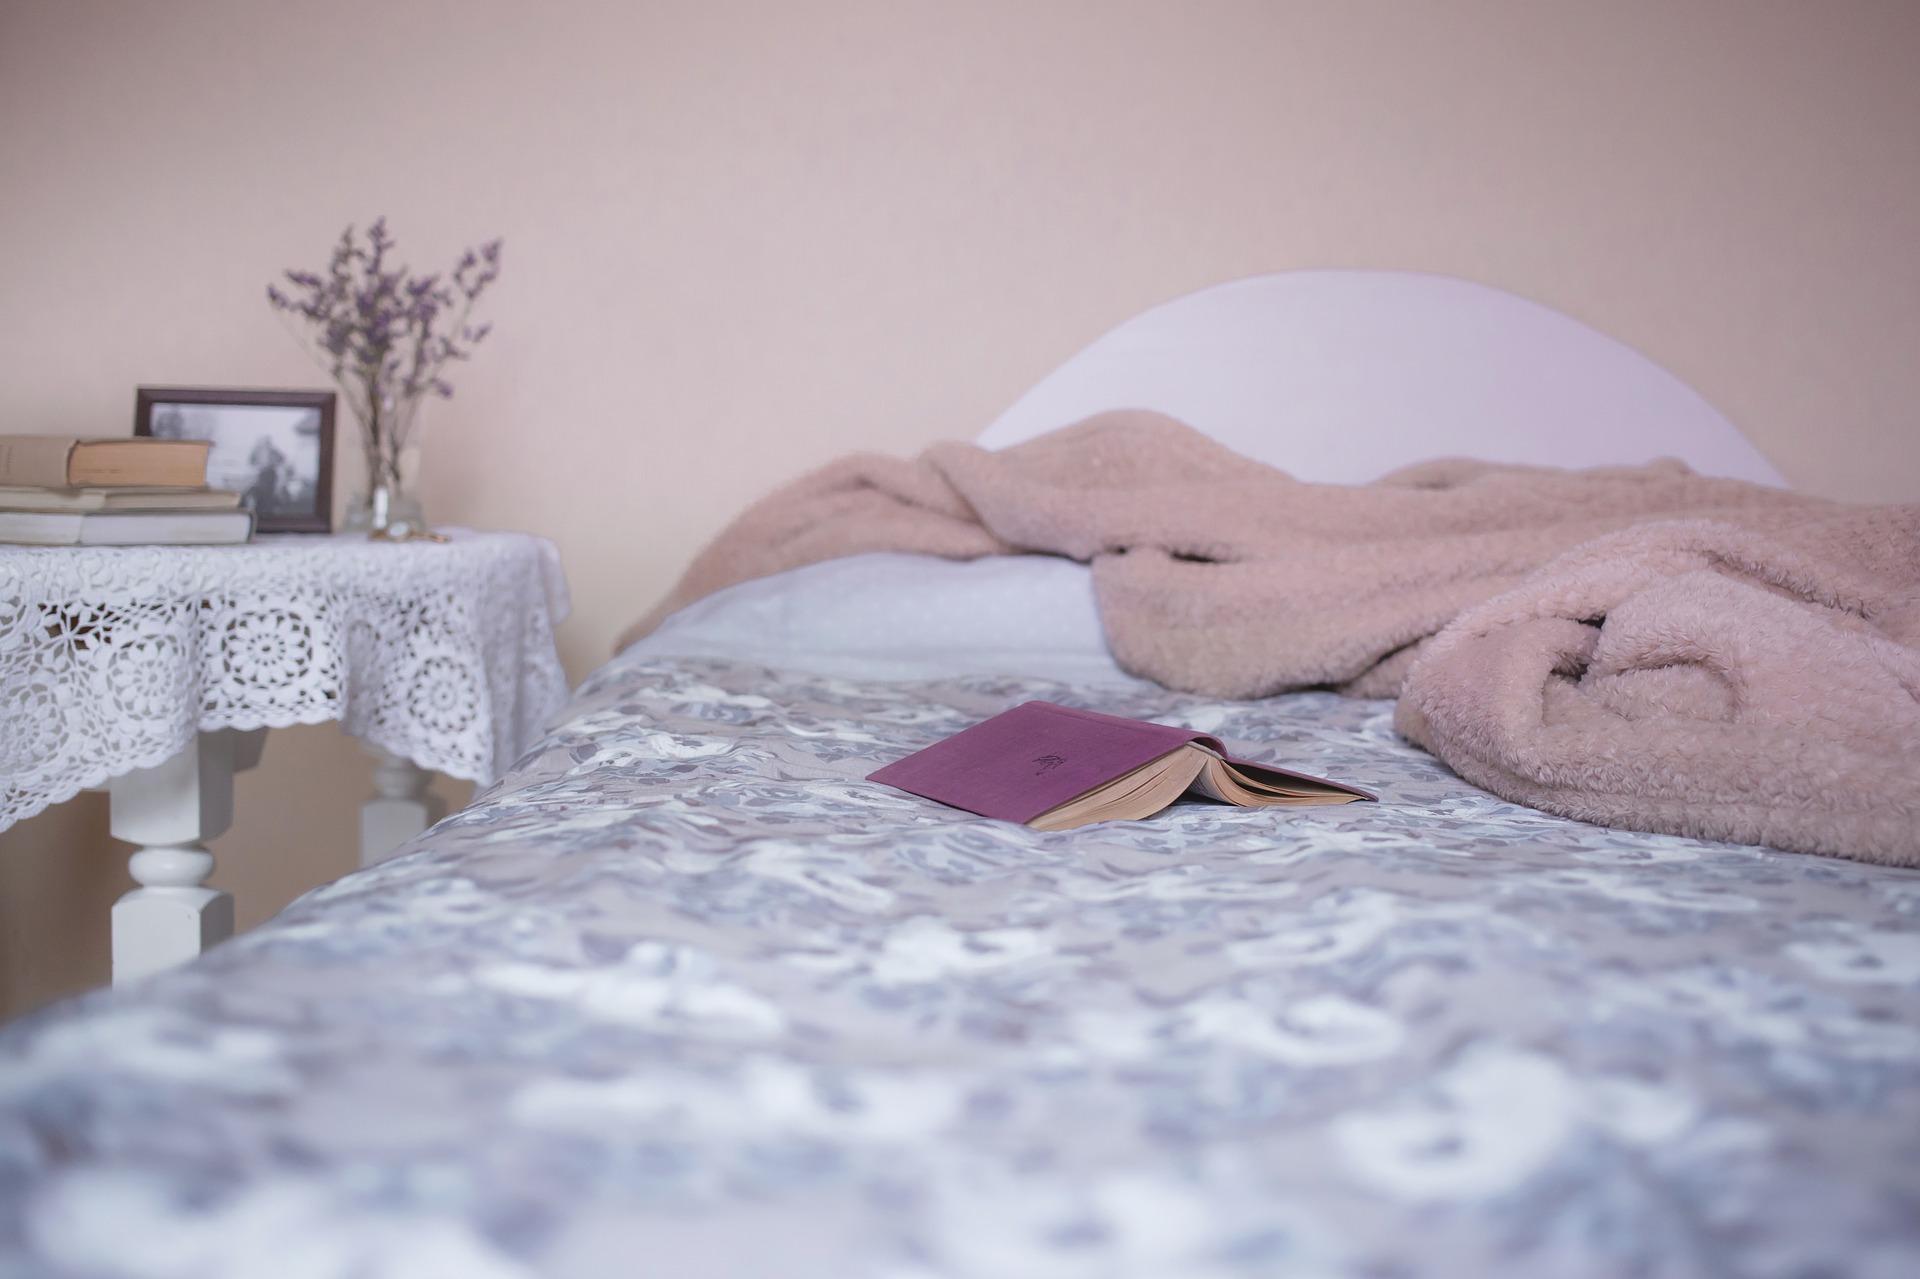 Bild Hotelzimmer, Quelle: Bild von Pexels auf Pixabay